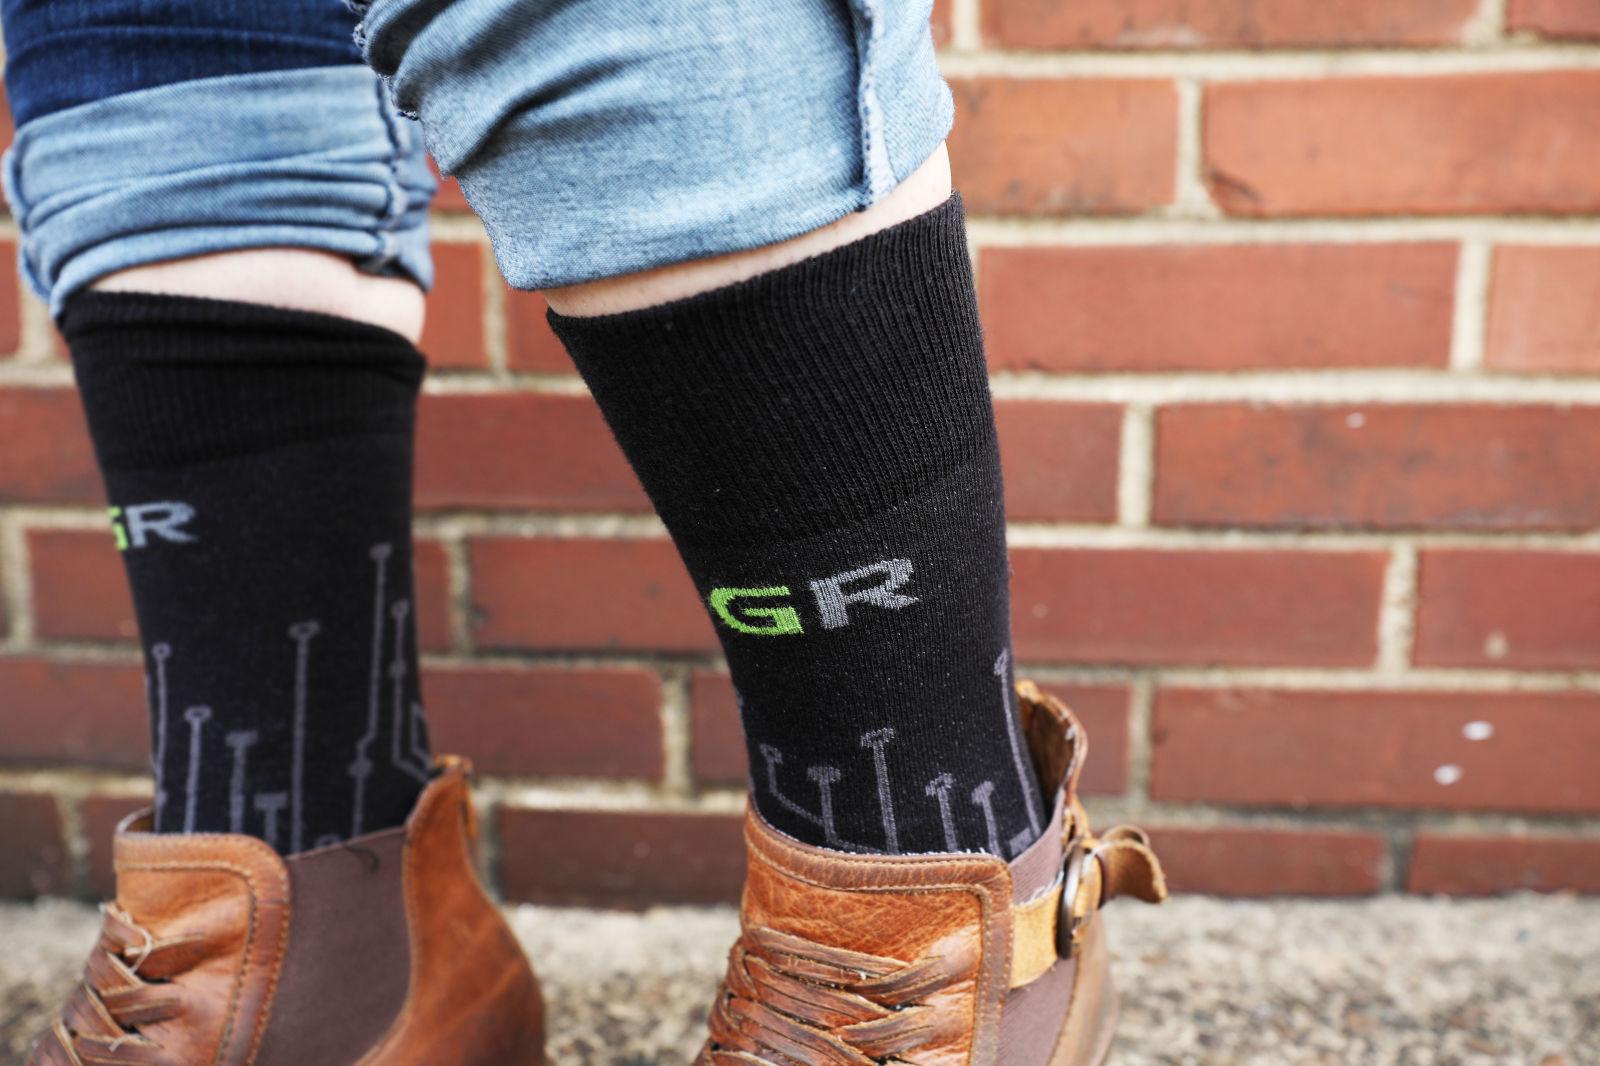 GR Socks